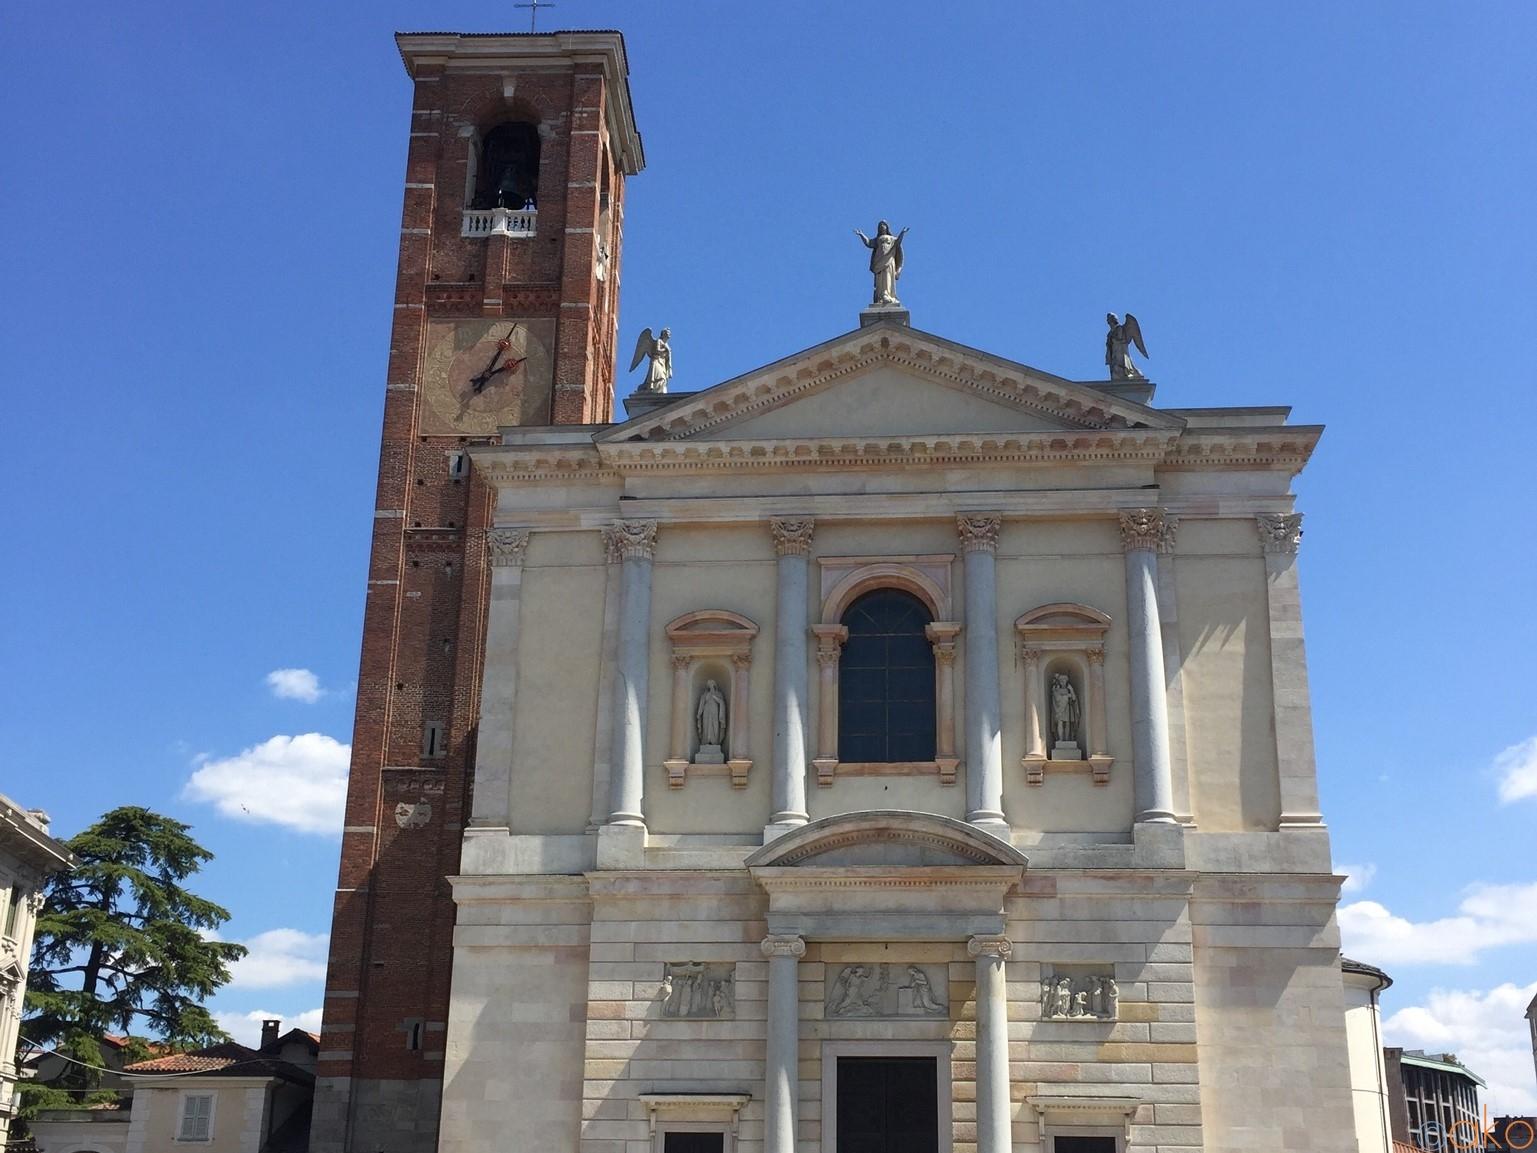 ミラノ近郊ガッララーテ、サンタ・マリア・アッスンタ聖堂探訪★  イタリア観光ガイド